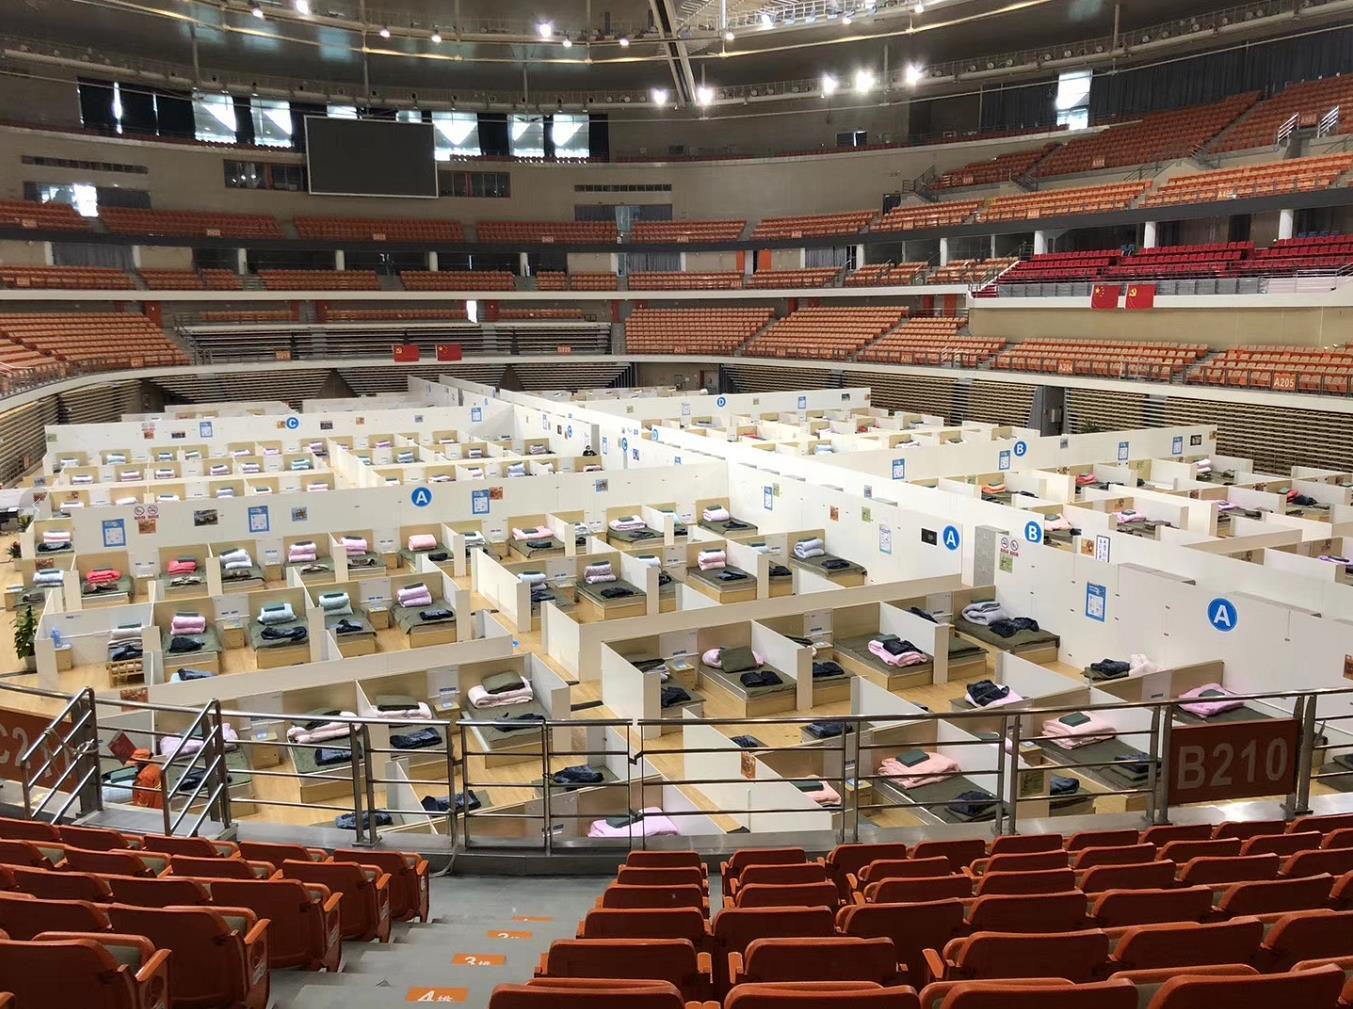 武汉体育中心方舱医院不到24小时筹建完毕已收治542名患者